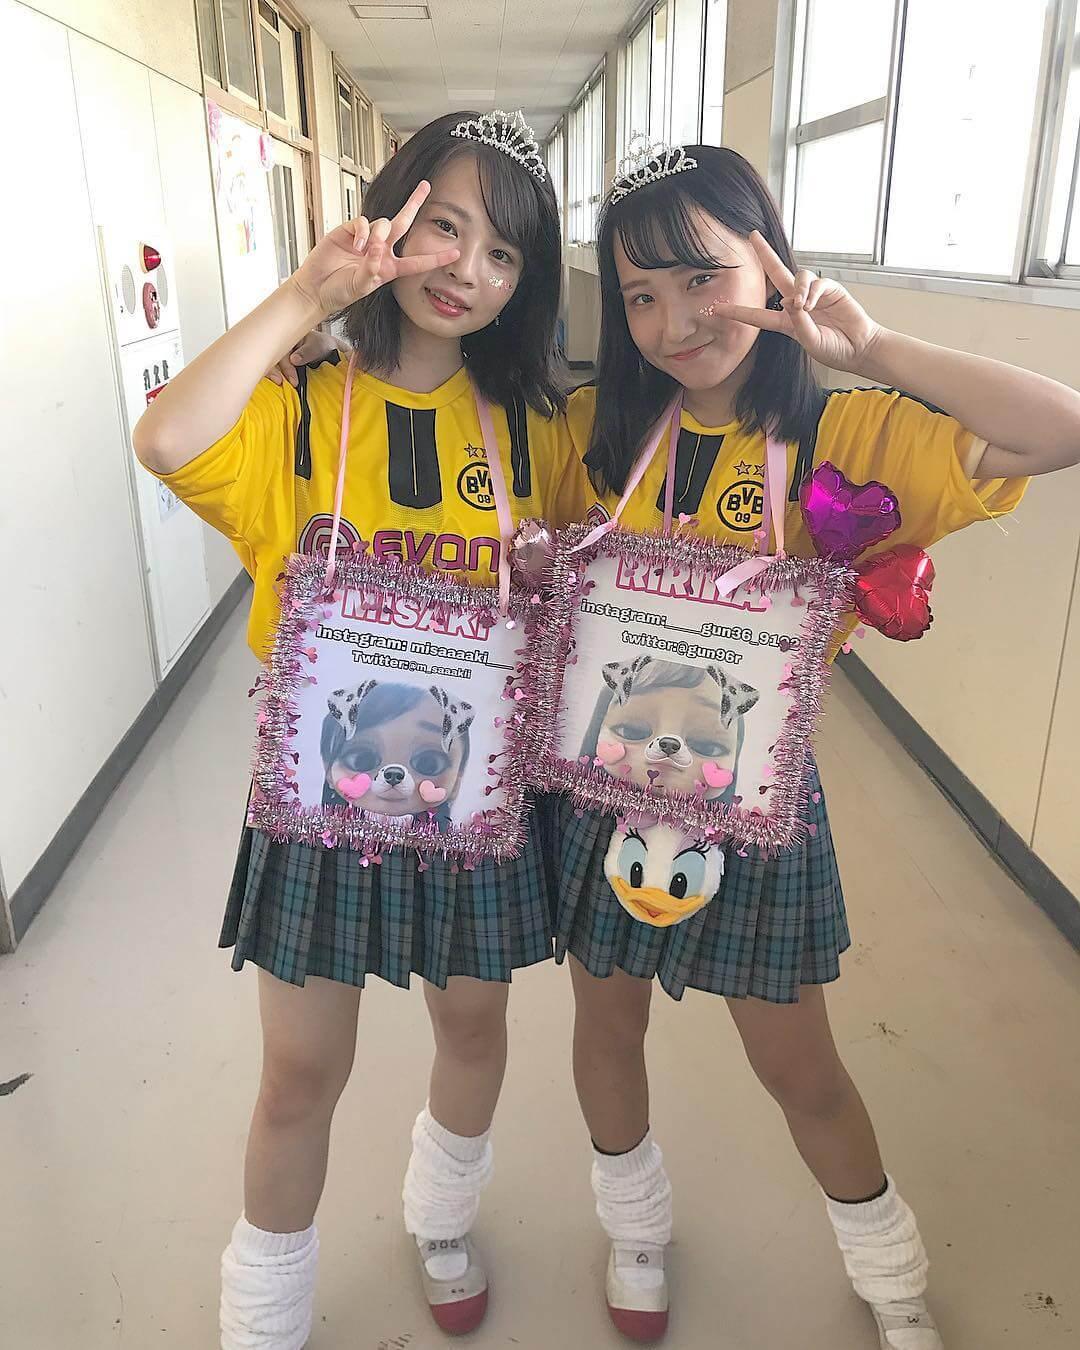 【画像】新栄JKの顔面・着こなし・スタイルの偏差値はトップクラス